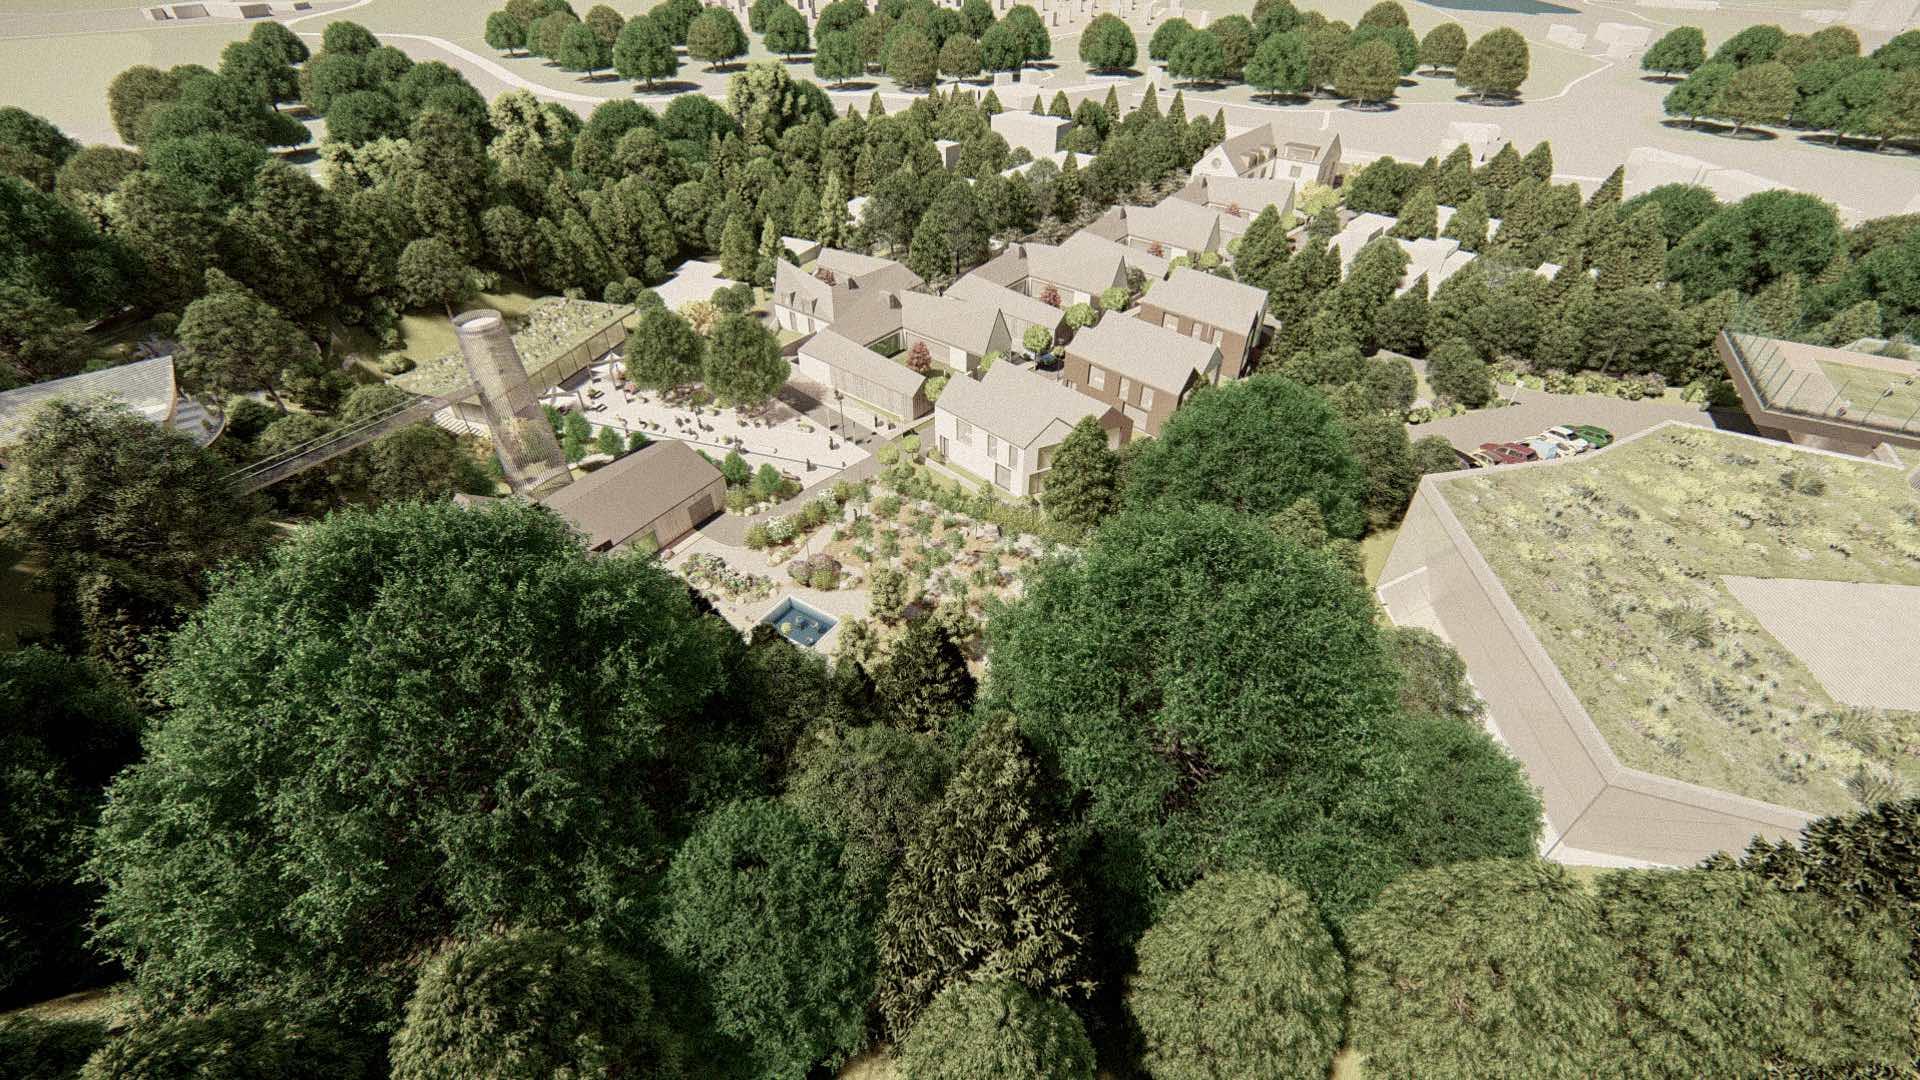 Vizualizace rezidenčního komplexu Jenerálka KKCG - ptačí pohled. Autor: Kurz architekti